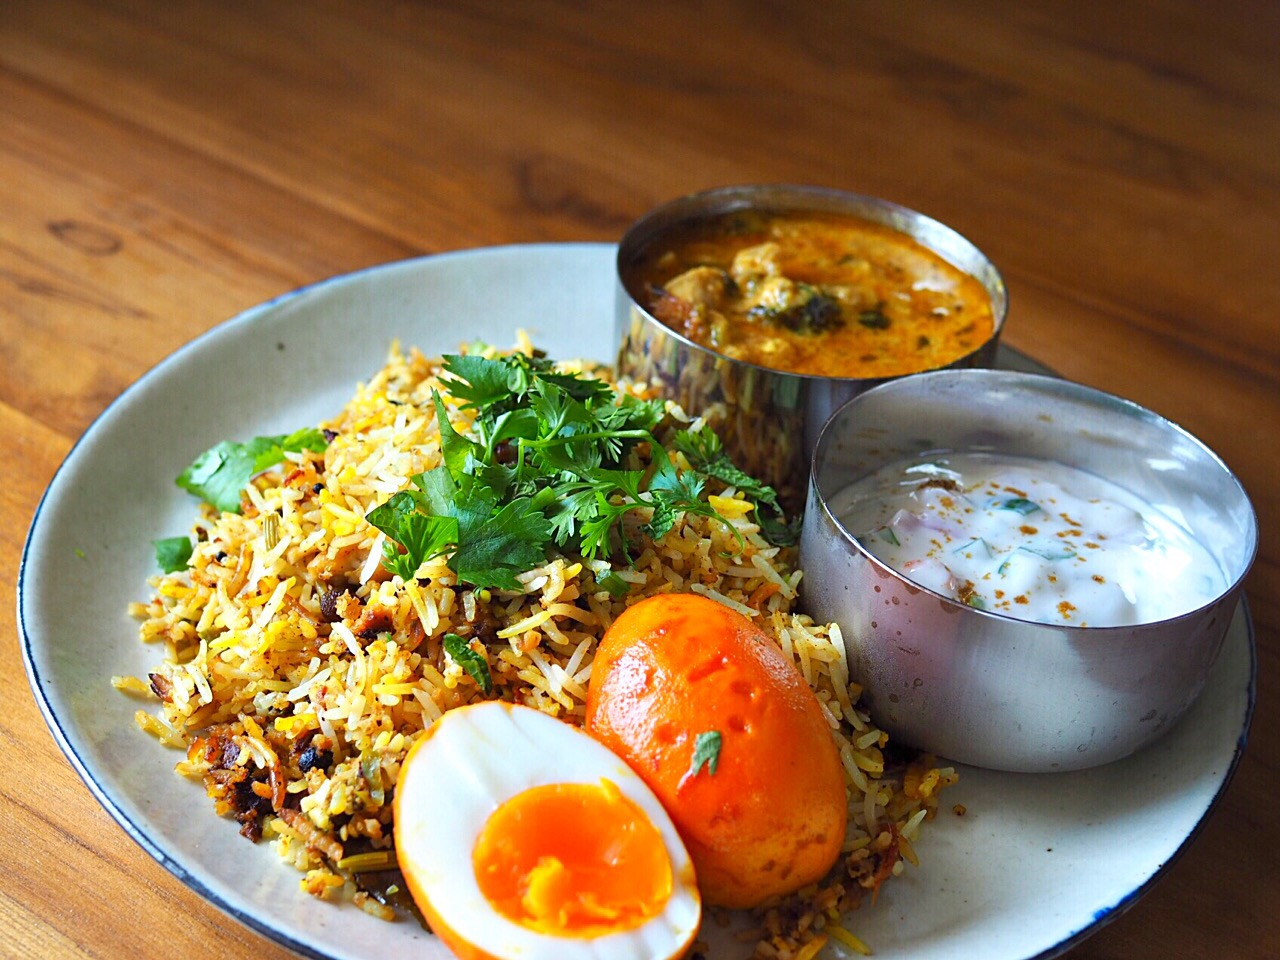 マレーシアの食事事情は?4大料理とそれぞれの特徴を解説!の画像